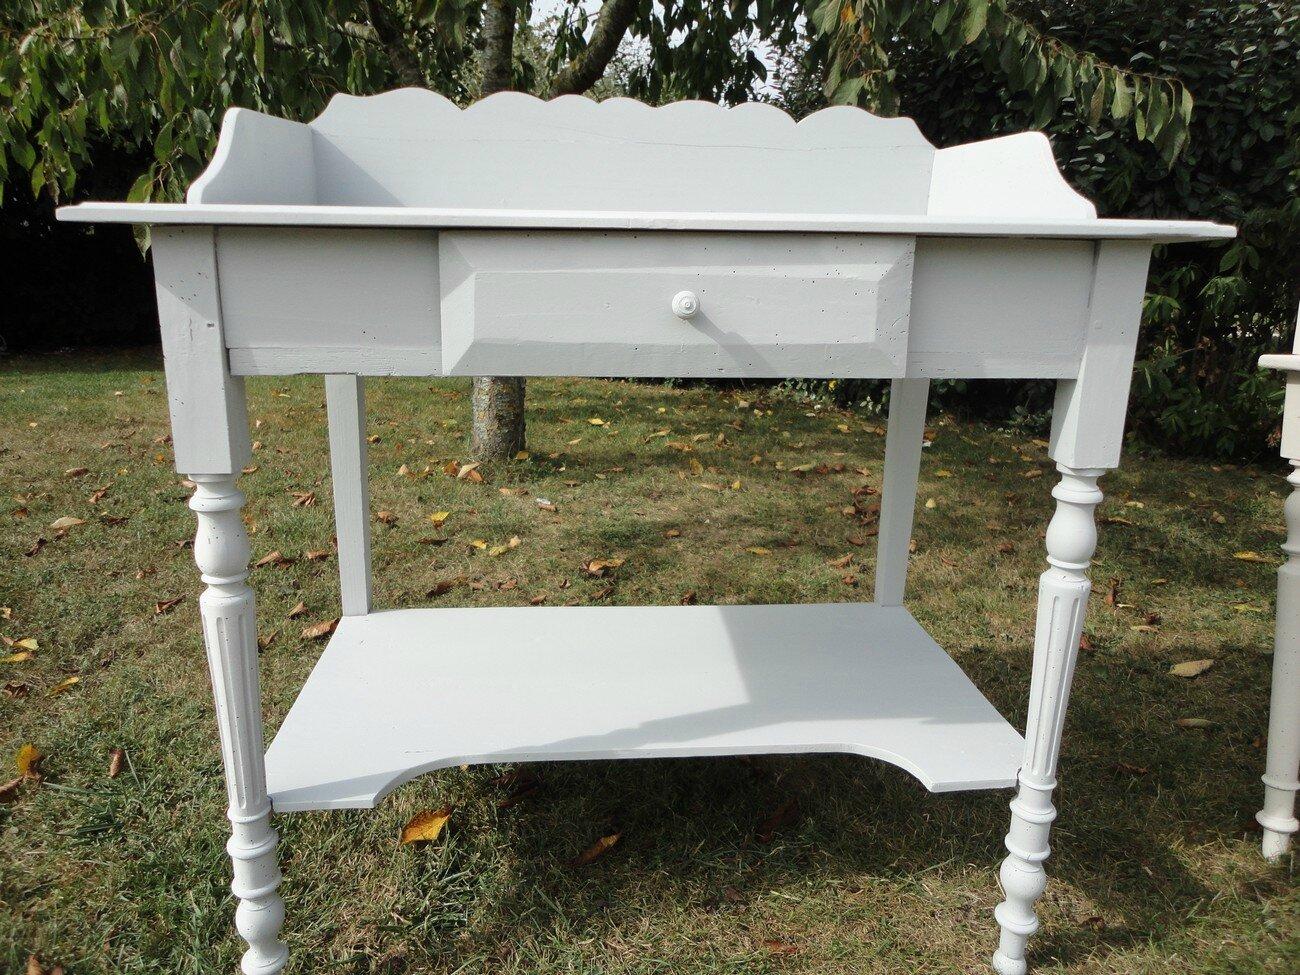 Peinture et patine sur des meubles anciens charme d 39 antan for Peinture pour meubles anciens